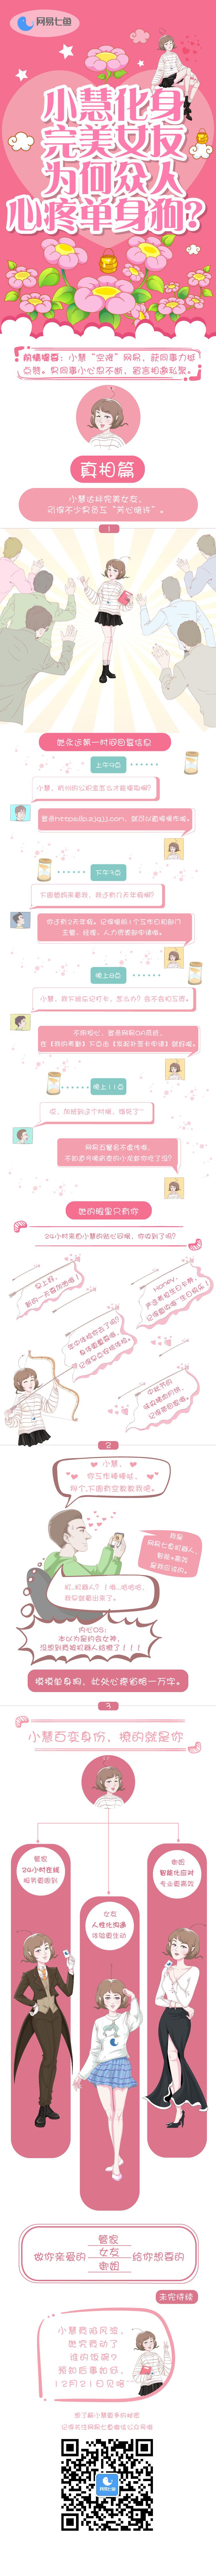 【网易七鱼】漫画场景二12.15-HBC